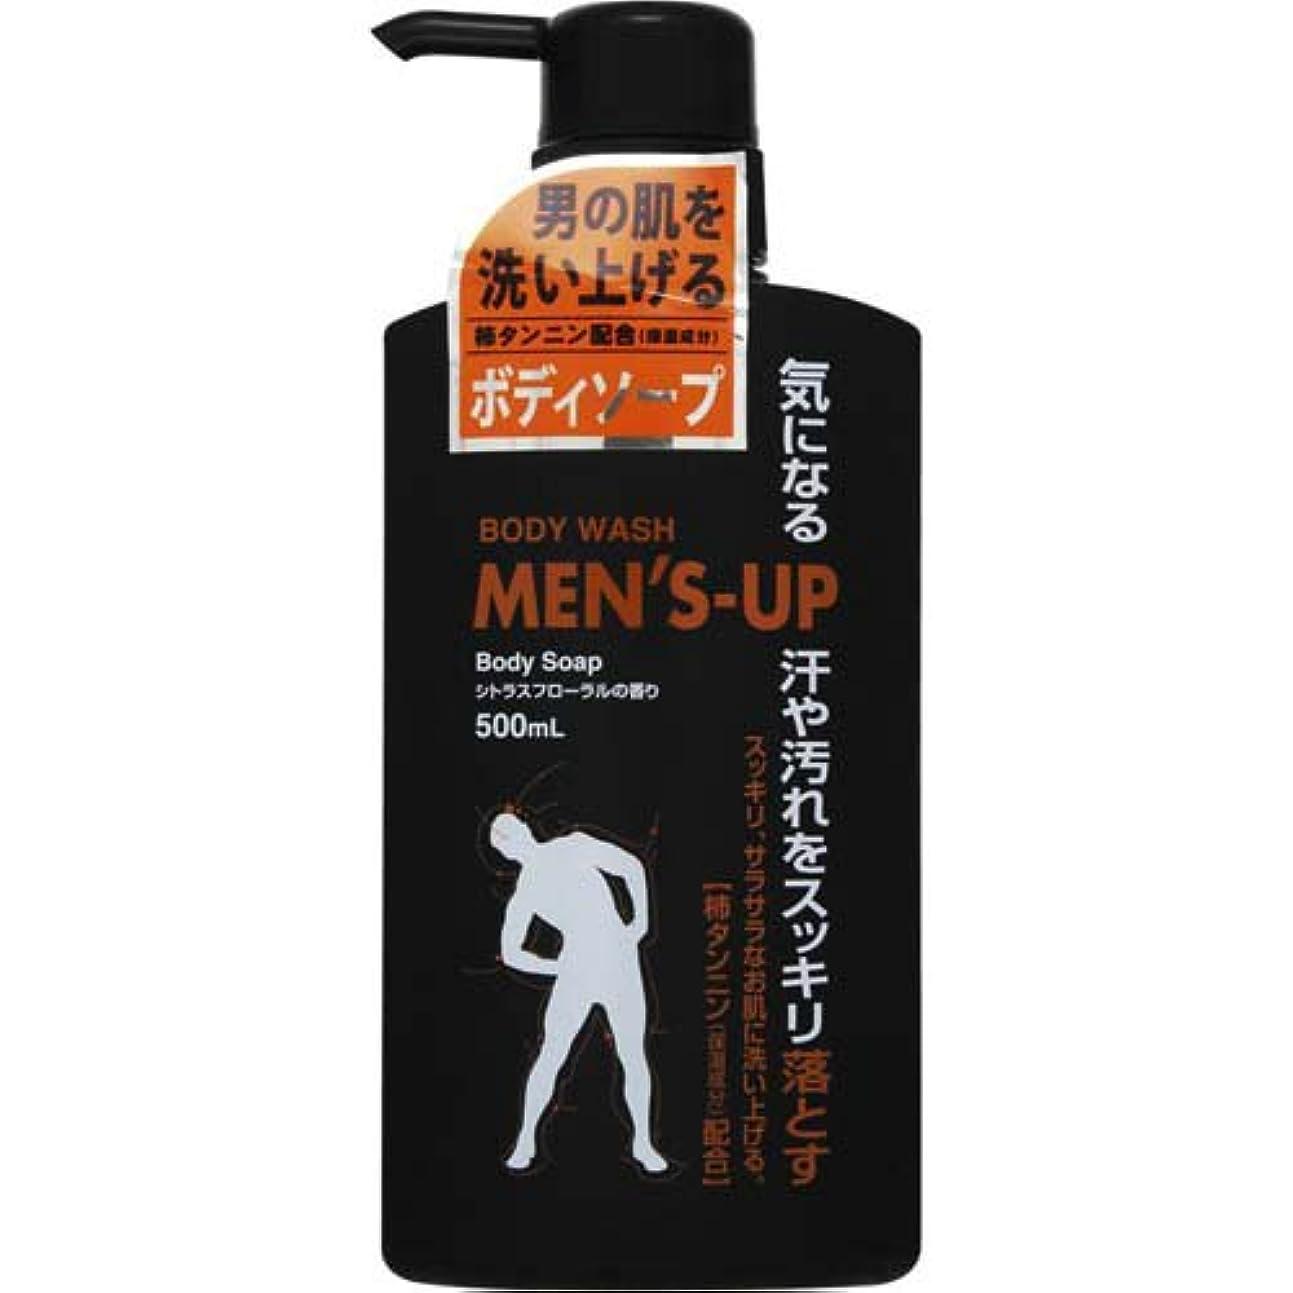 確率全くお酒MEN'S-UP(メンズアップ) ボディーソープ 本体 500ml